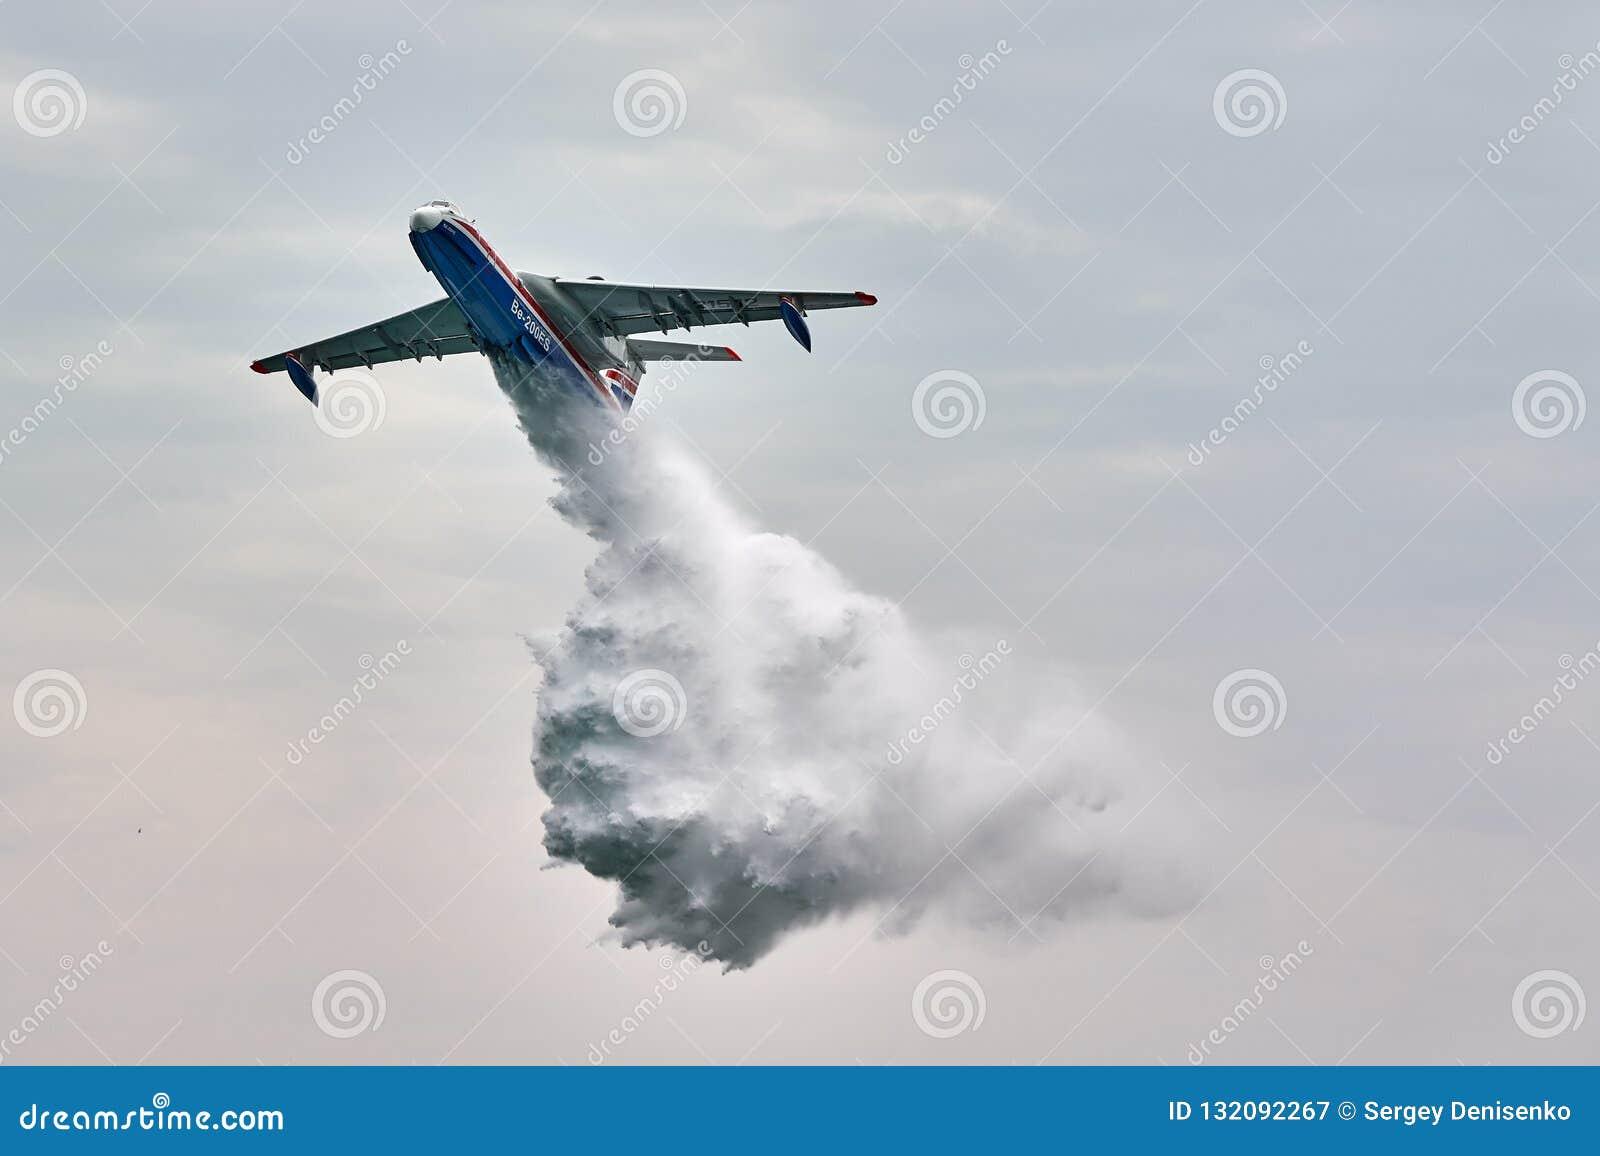 多用途两栖飞机别里耶夫是200ES下落水 飞机展示消防在黑海水